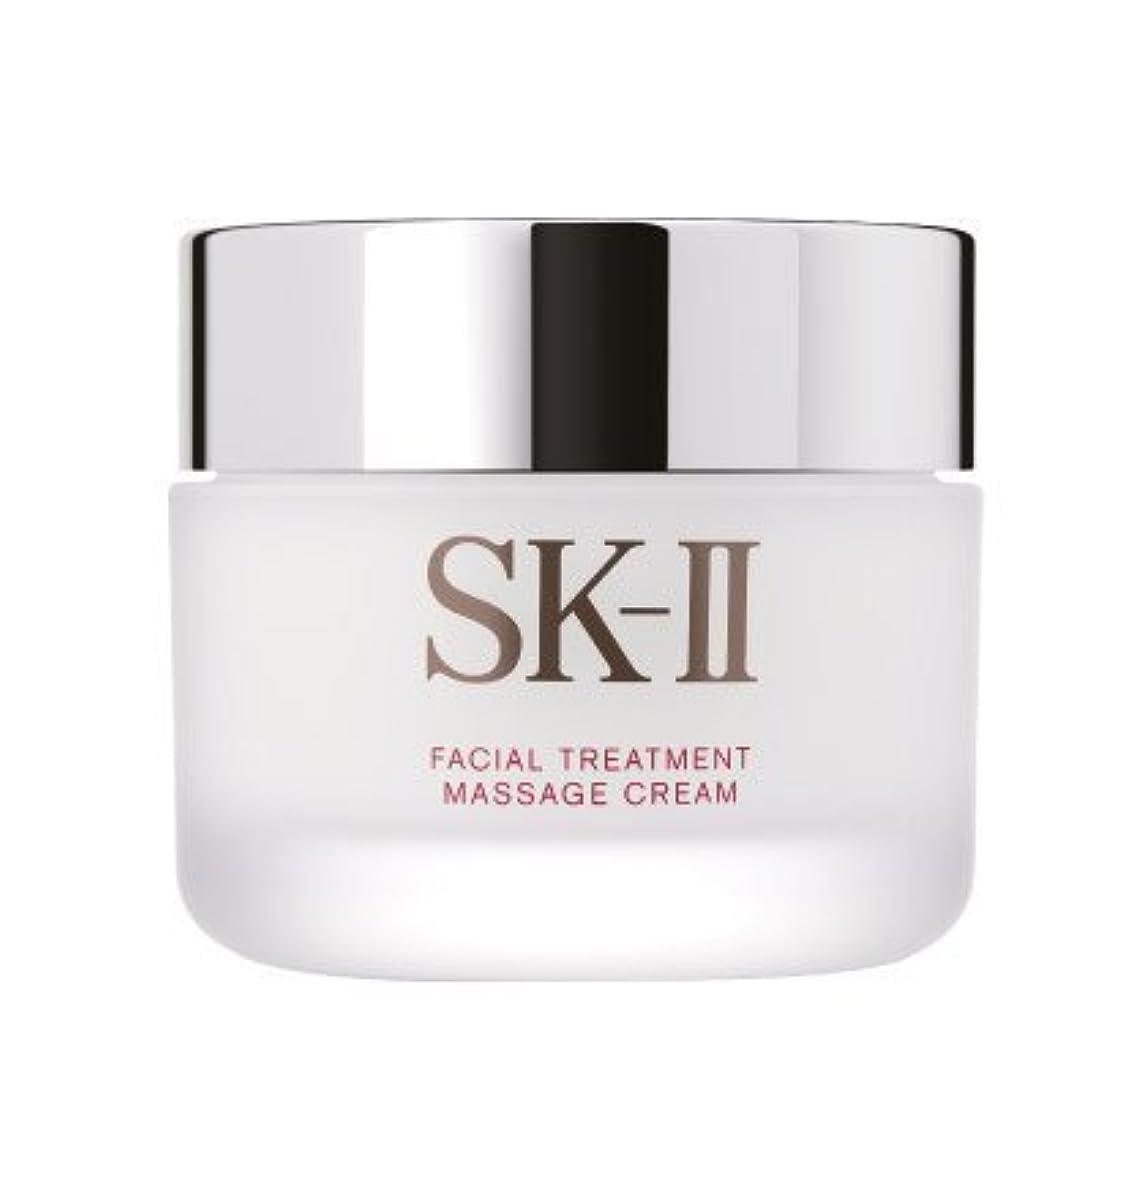 動機付ける手綱こんにちはSK-II フェイシャル トリートメント マッサージ クリーム 80g SK2 マックスファクター 化粧品 美容 クリーム